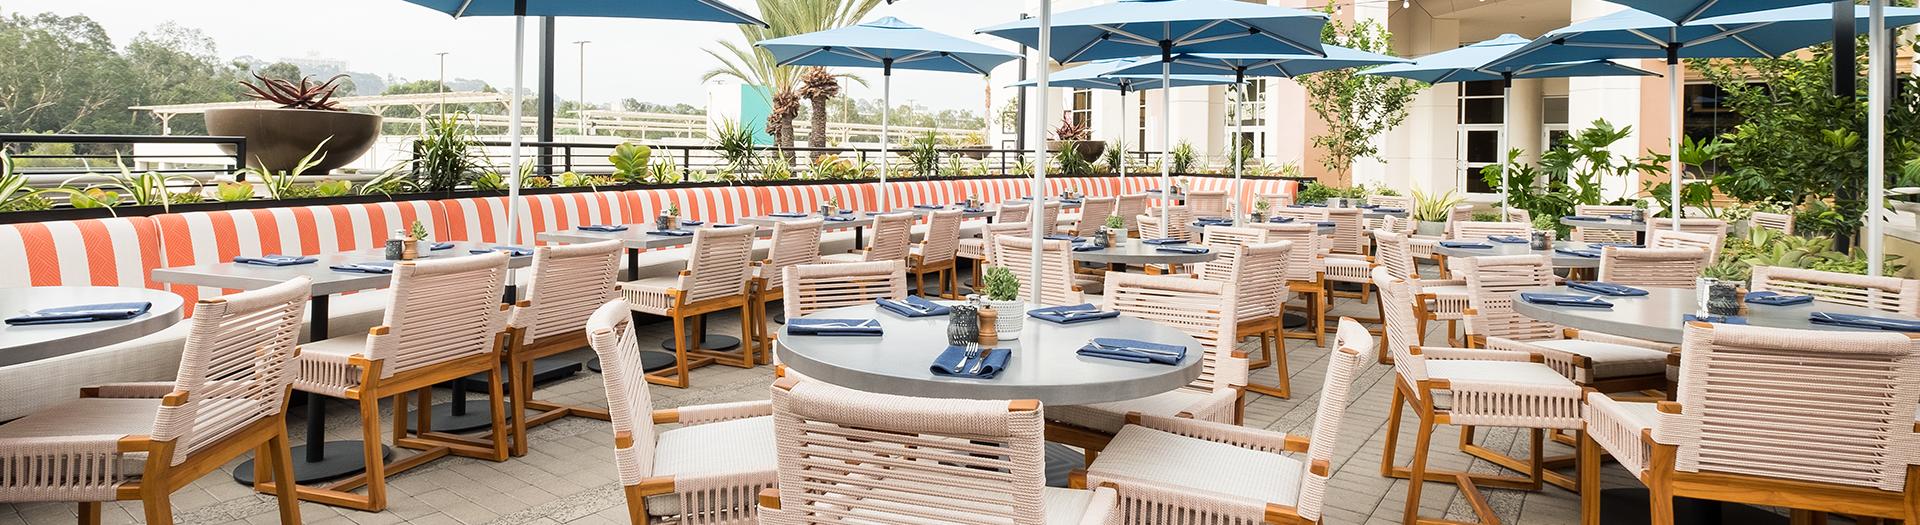 Blanco Tacos + Tequila – San Diego - San Diego, CA